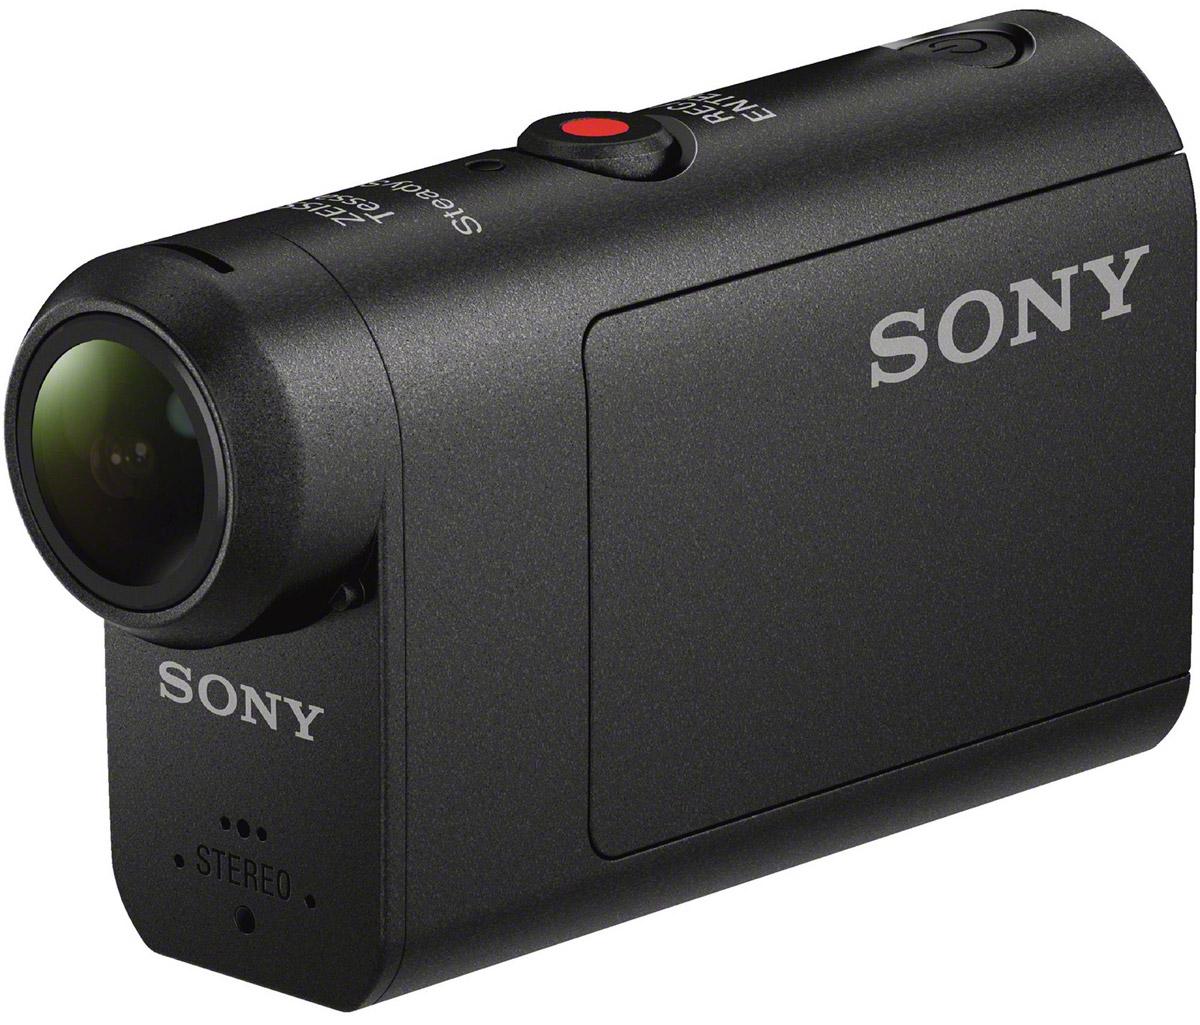 Sony HDR-AS50 экшн-камера